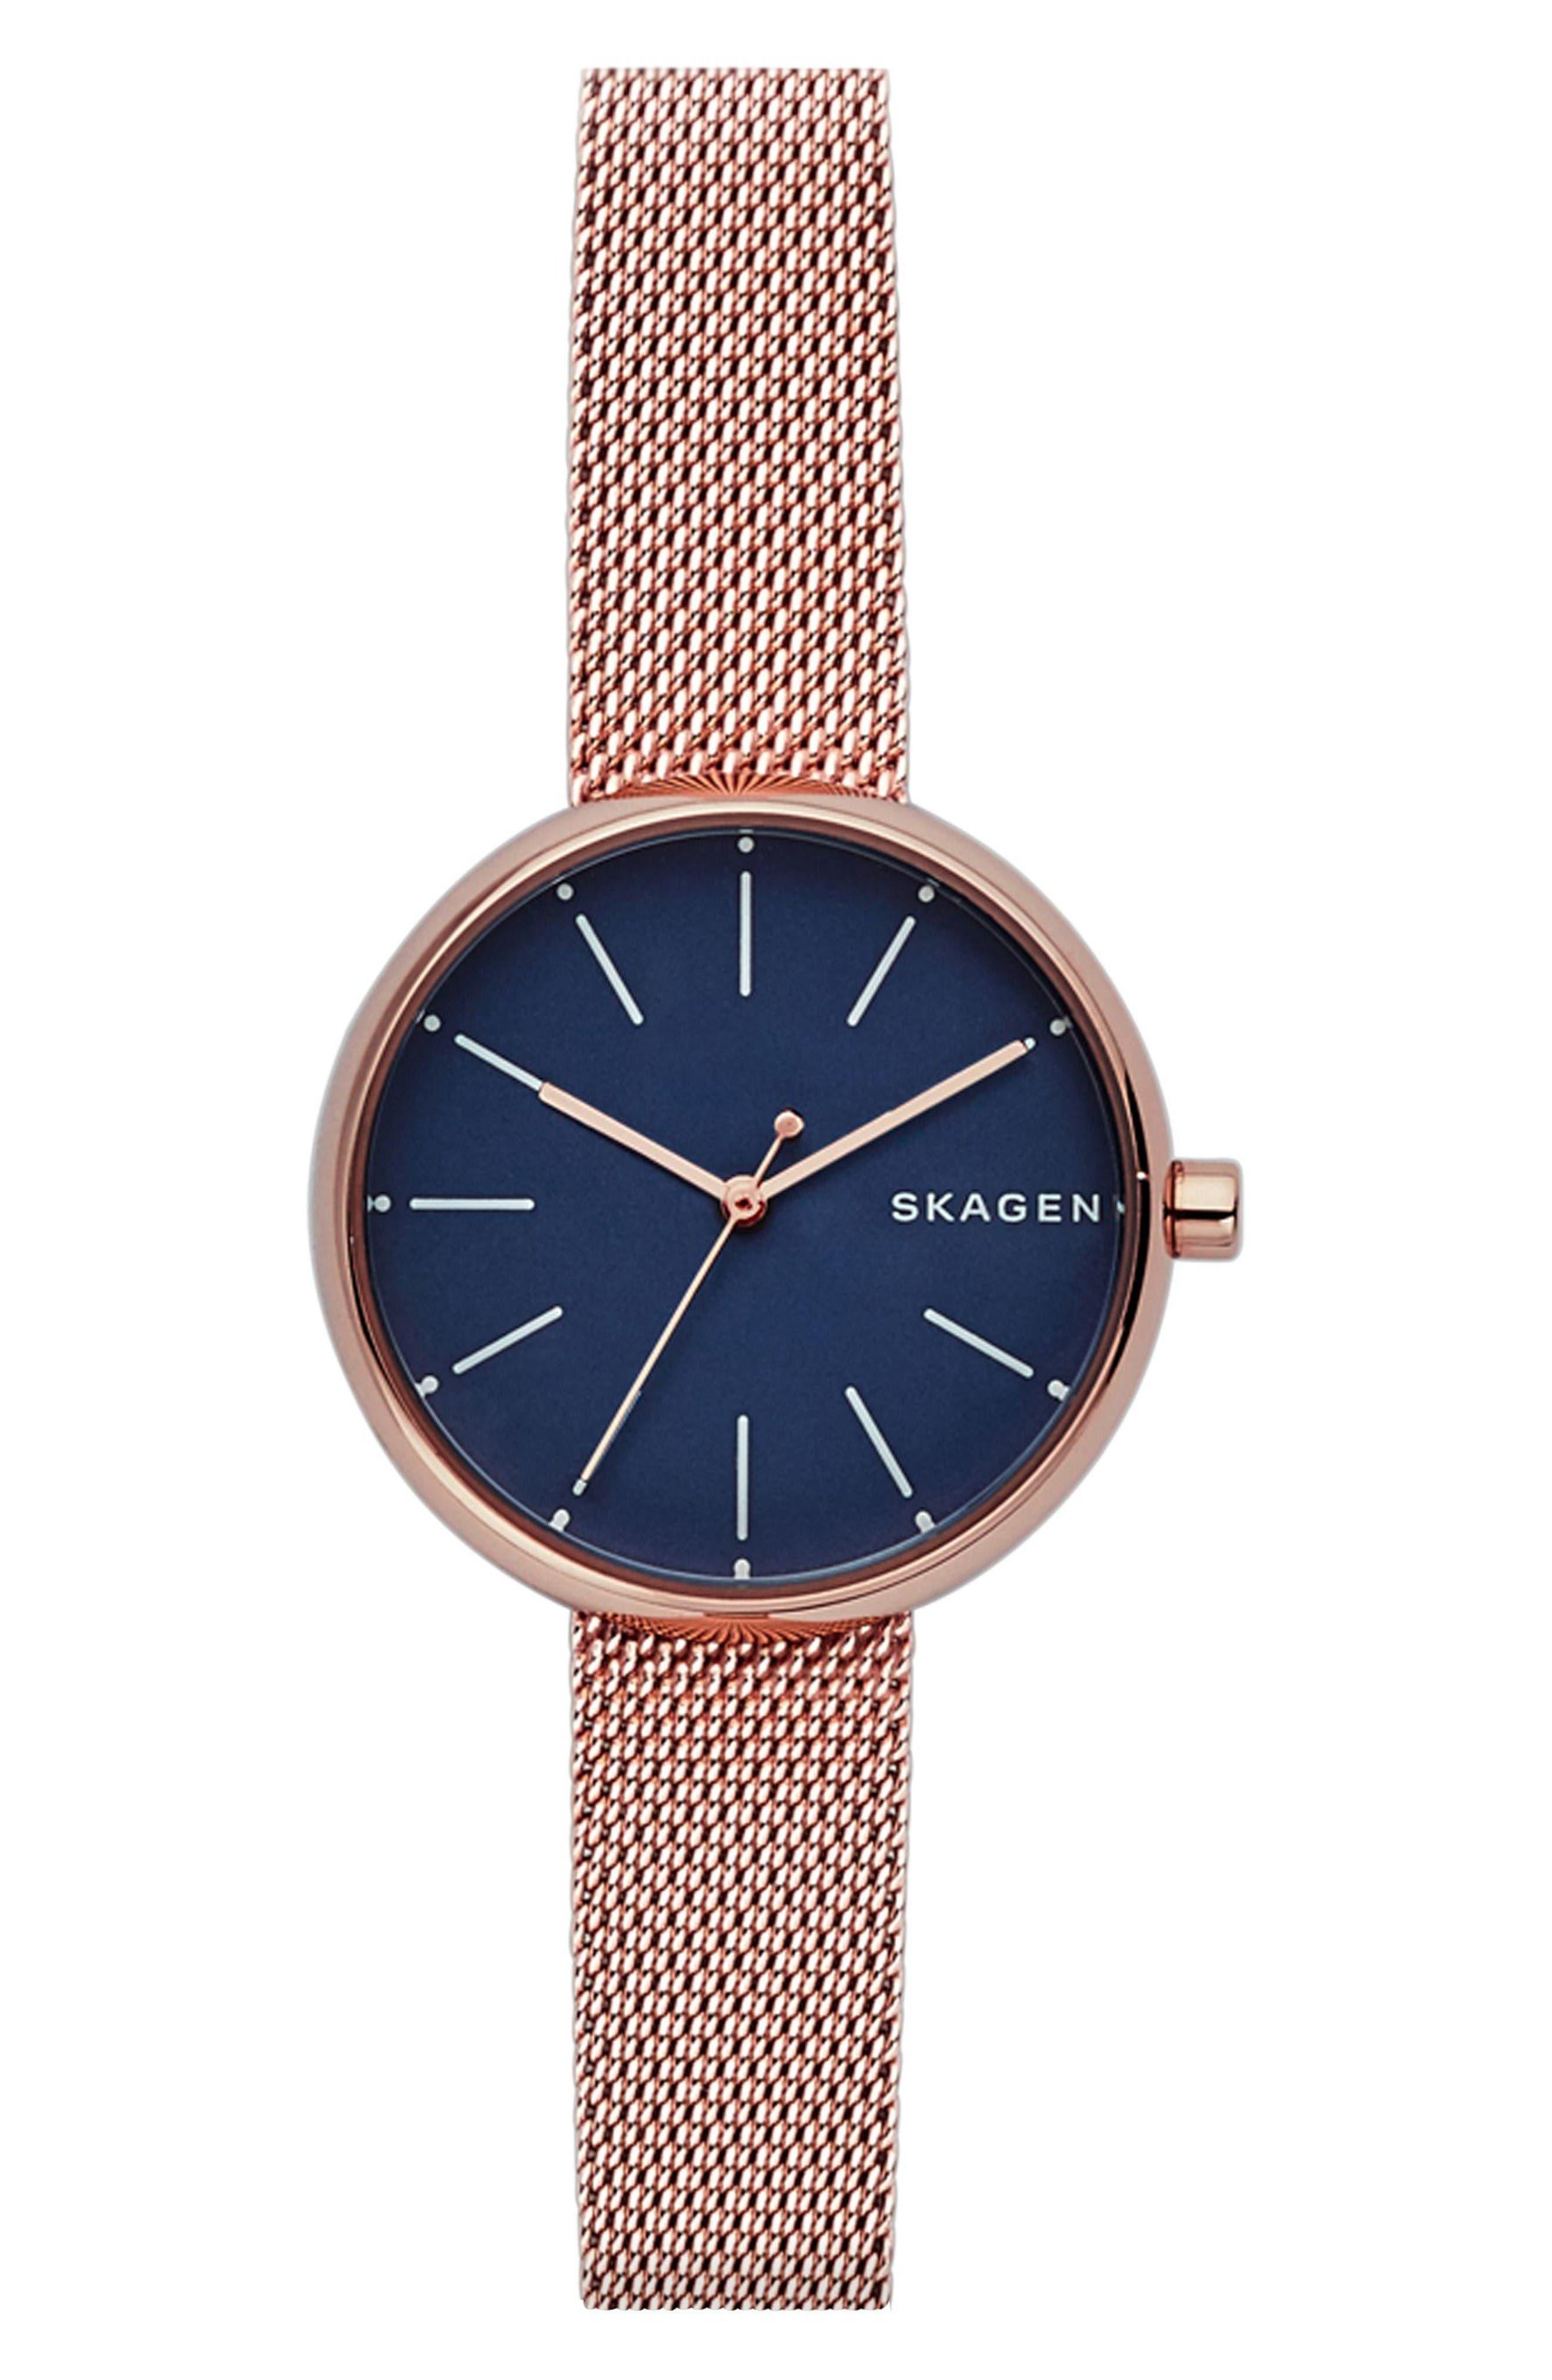 Skagen Round Mesh Strap Watch, 30mm